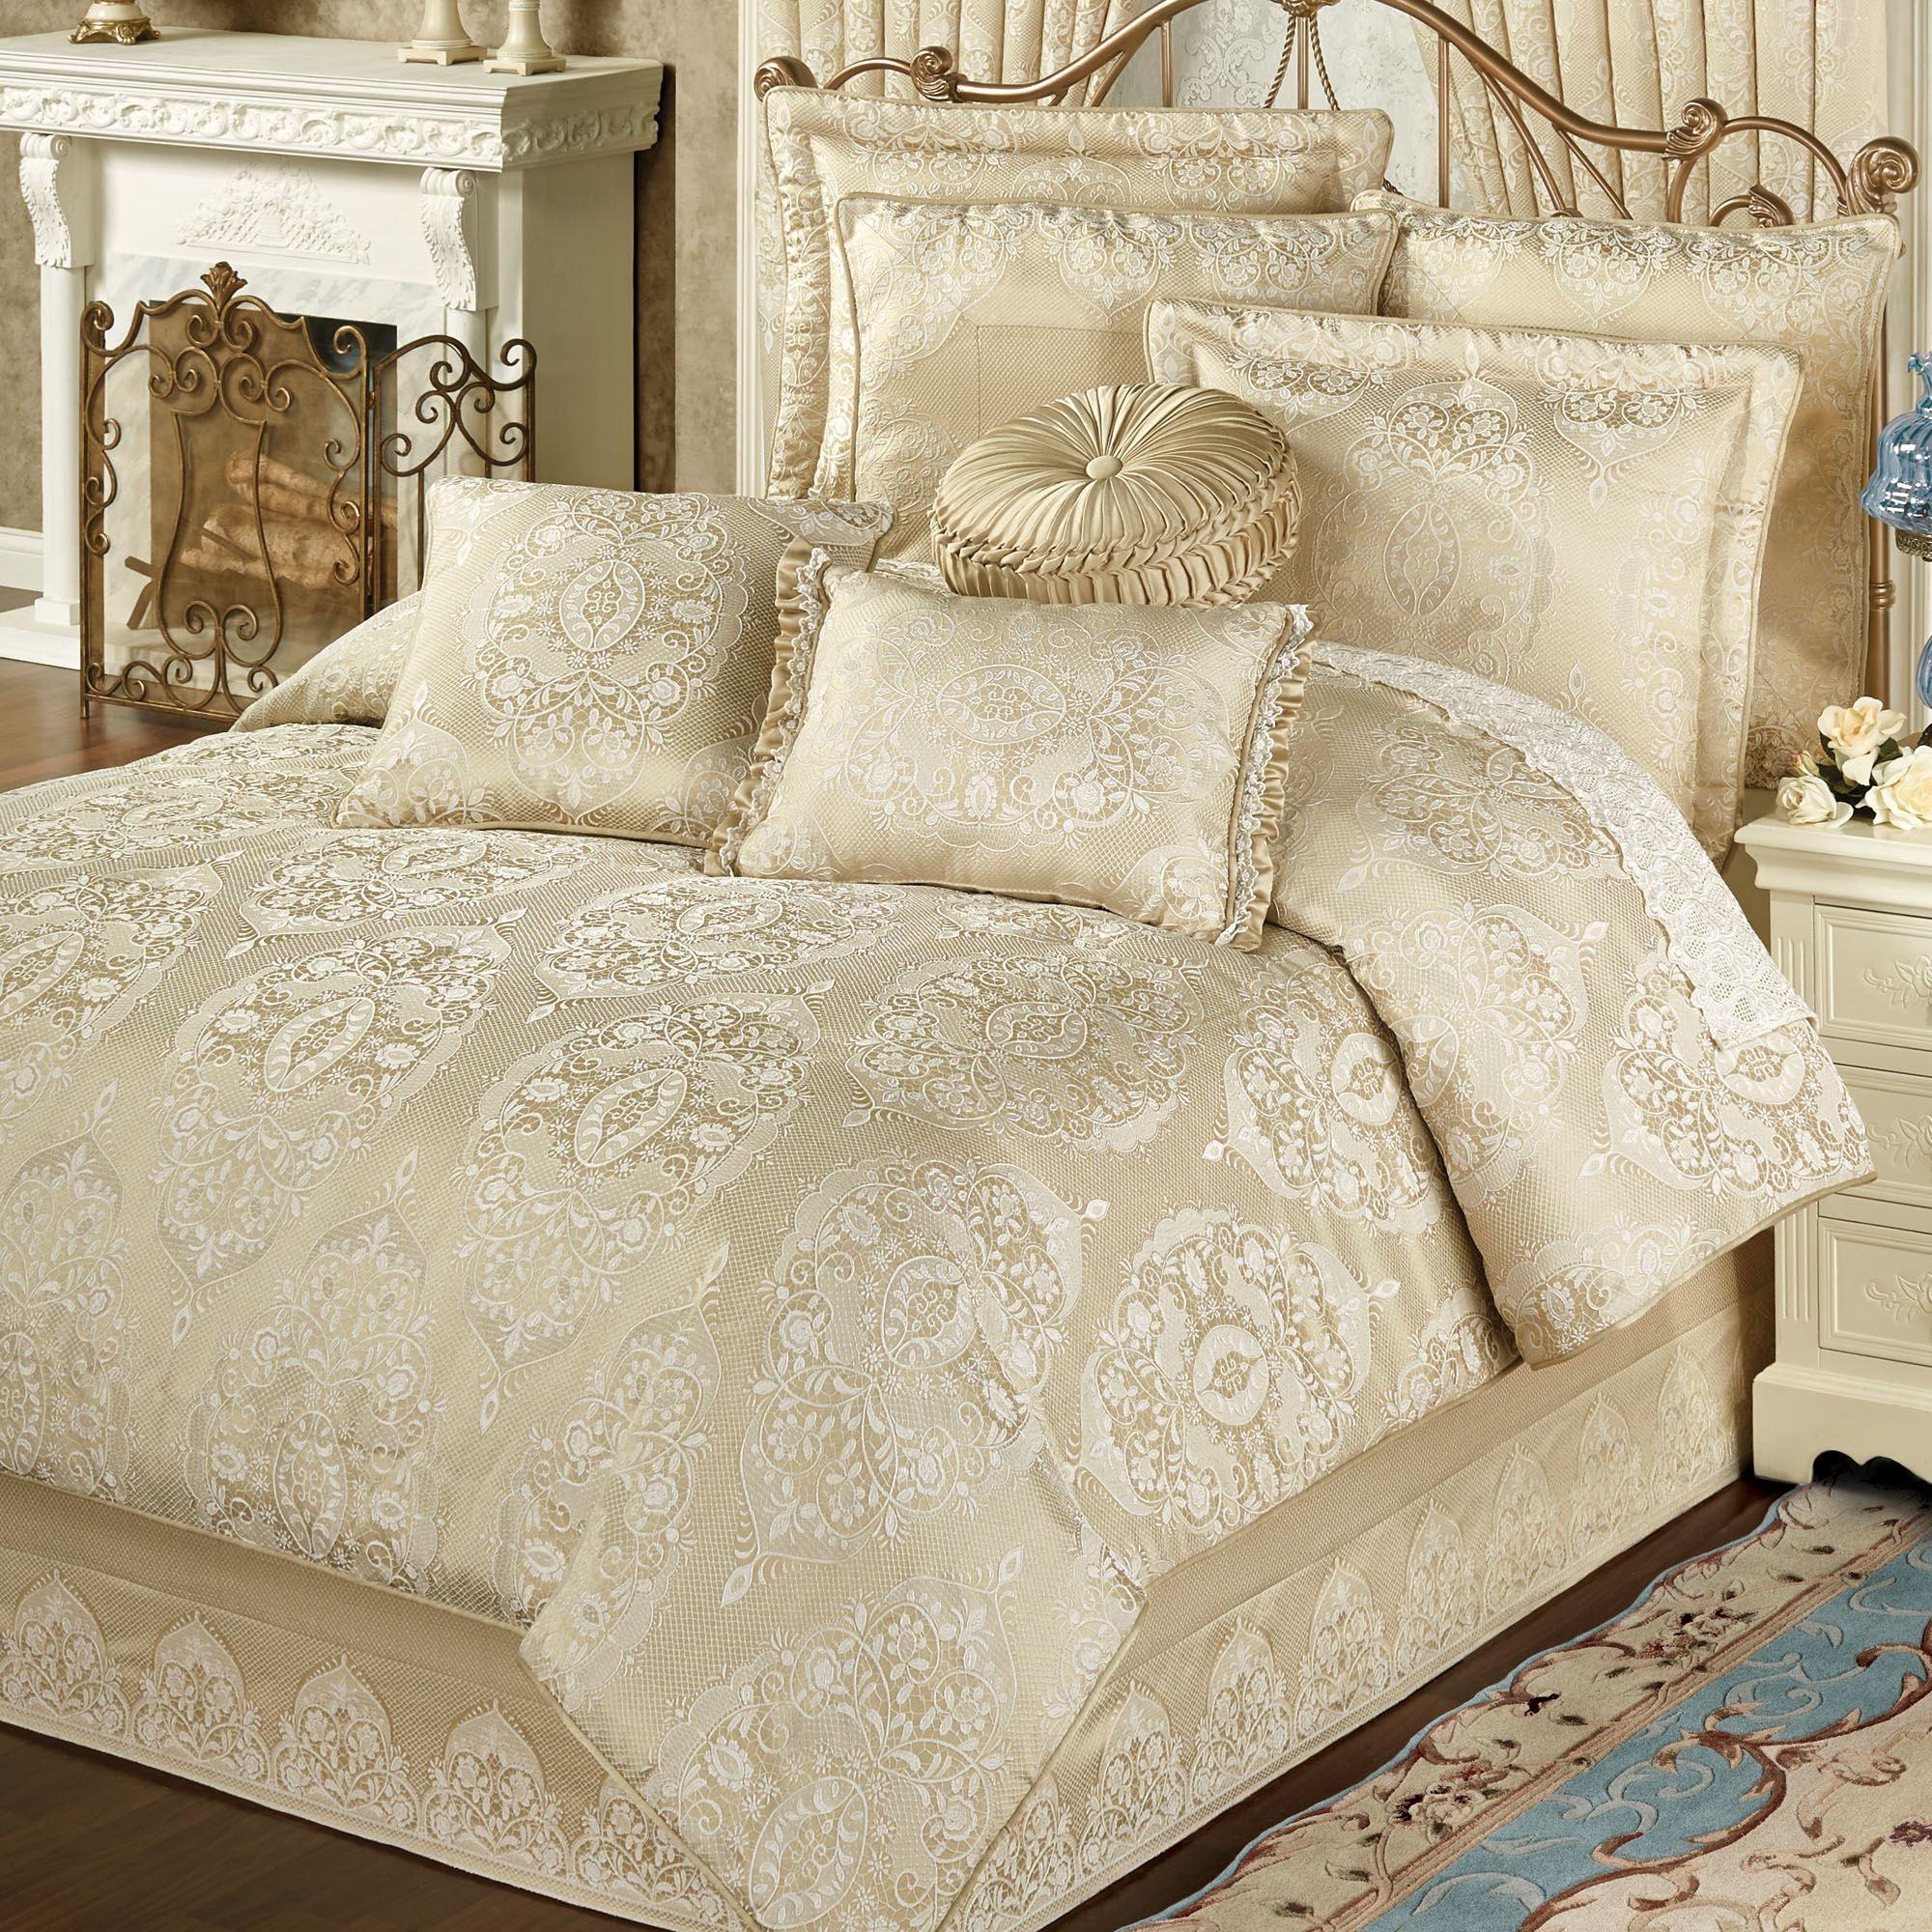 Clearance Comforter Sets Comforter Sets Cheap Comforter Sets Bedding Sets